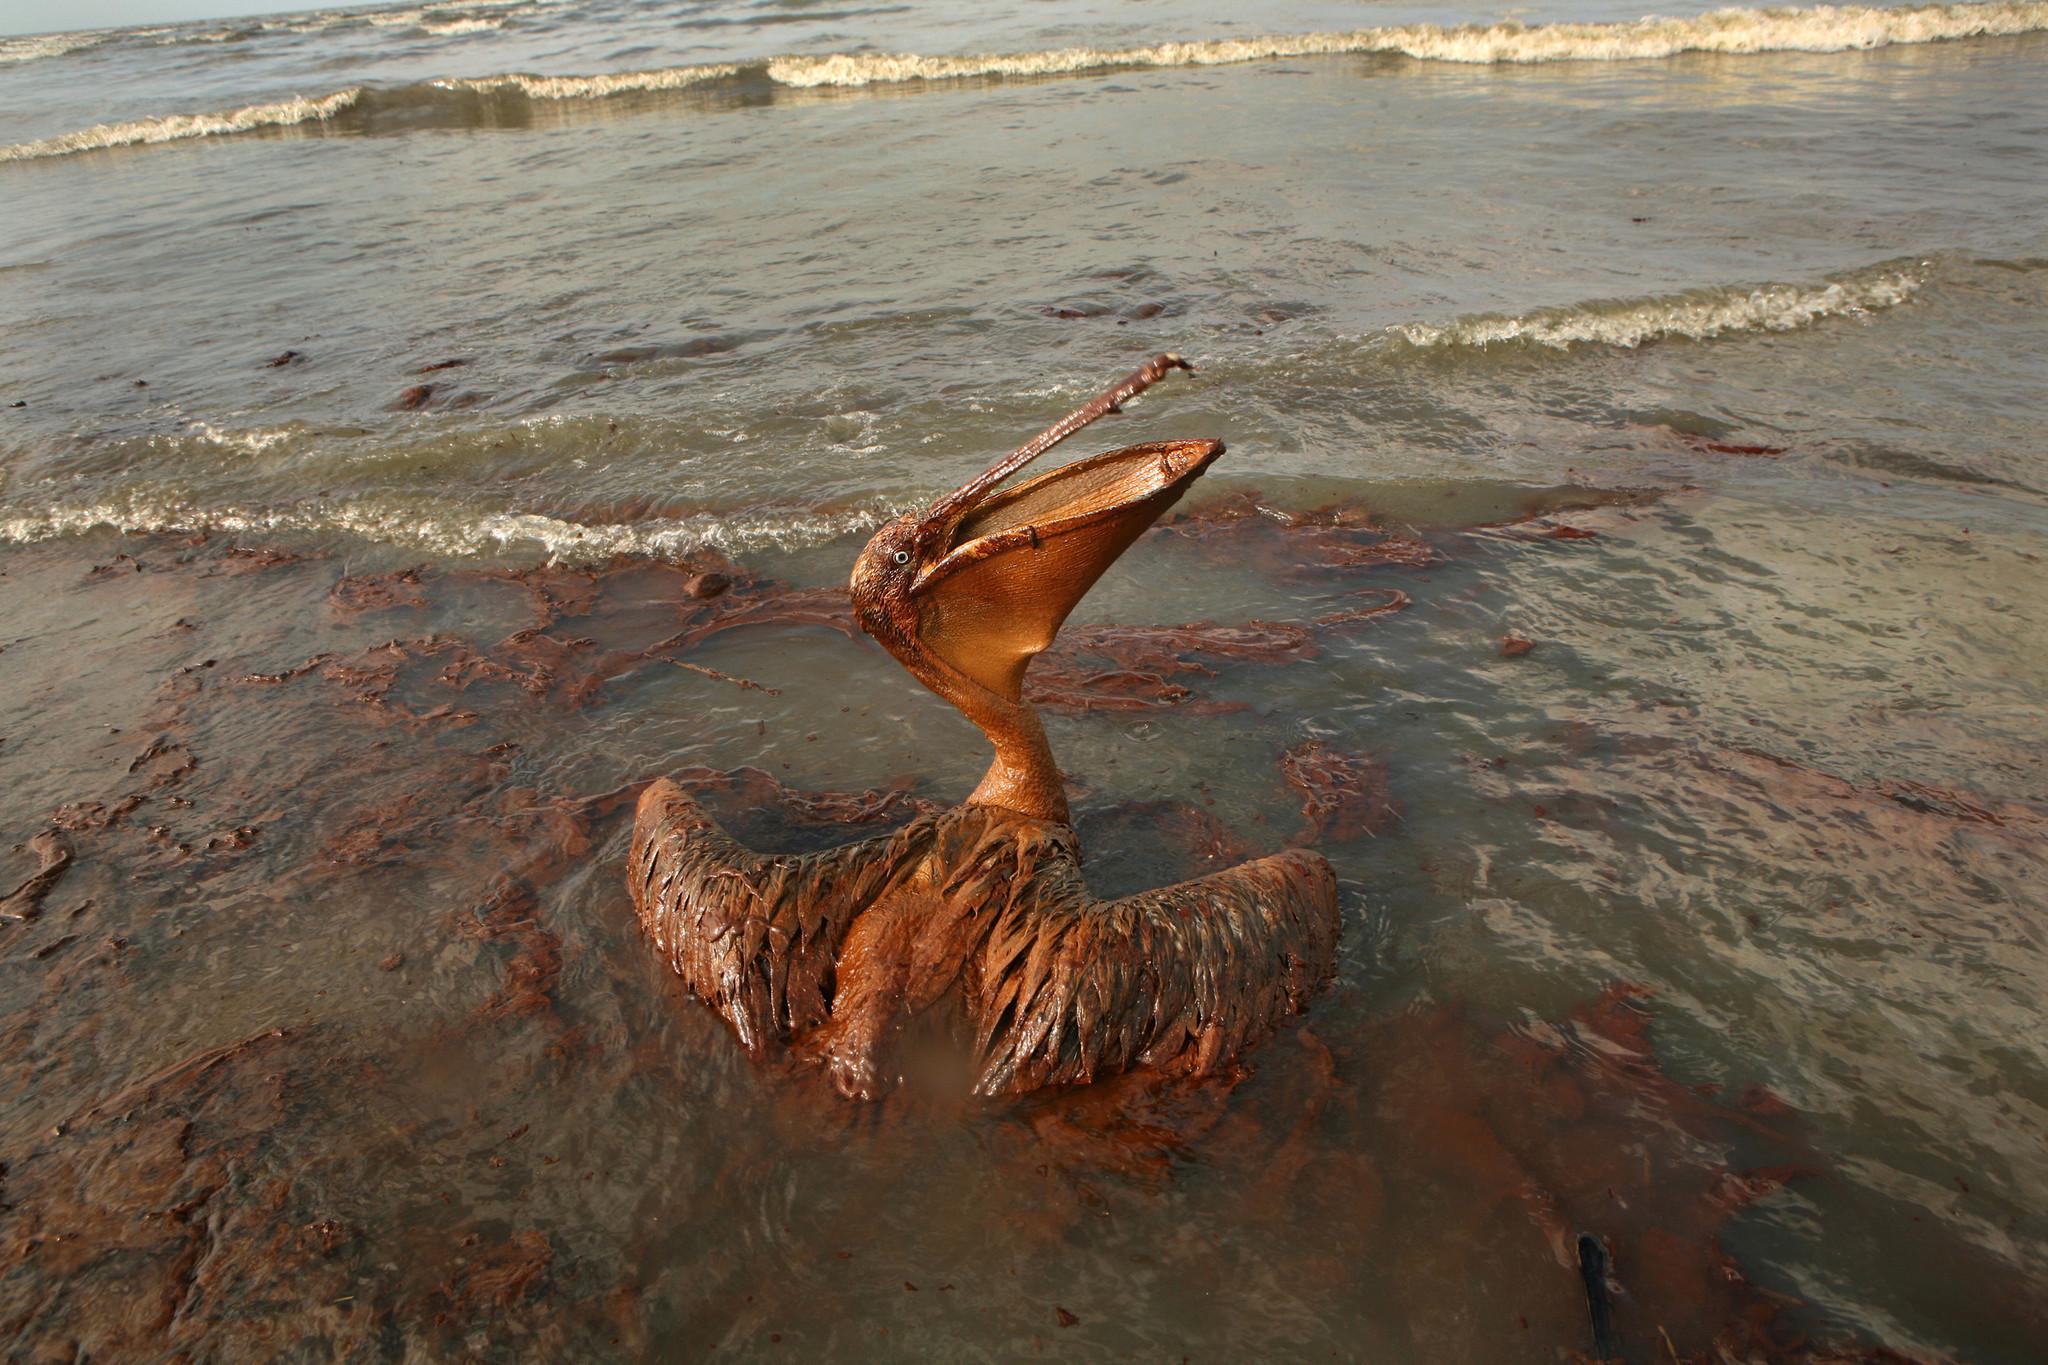 Deepwater Horizon oil spill of 2010